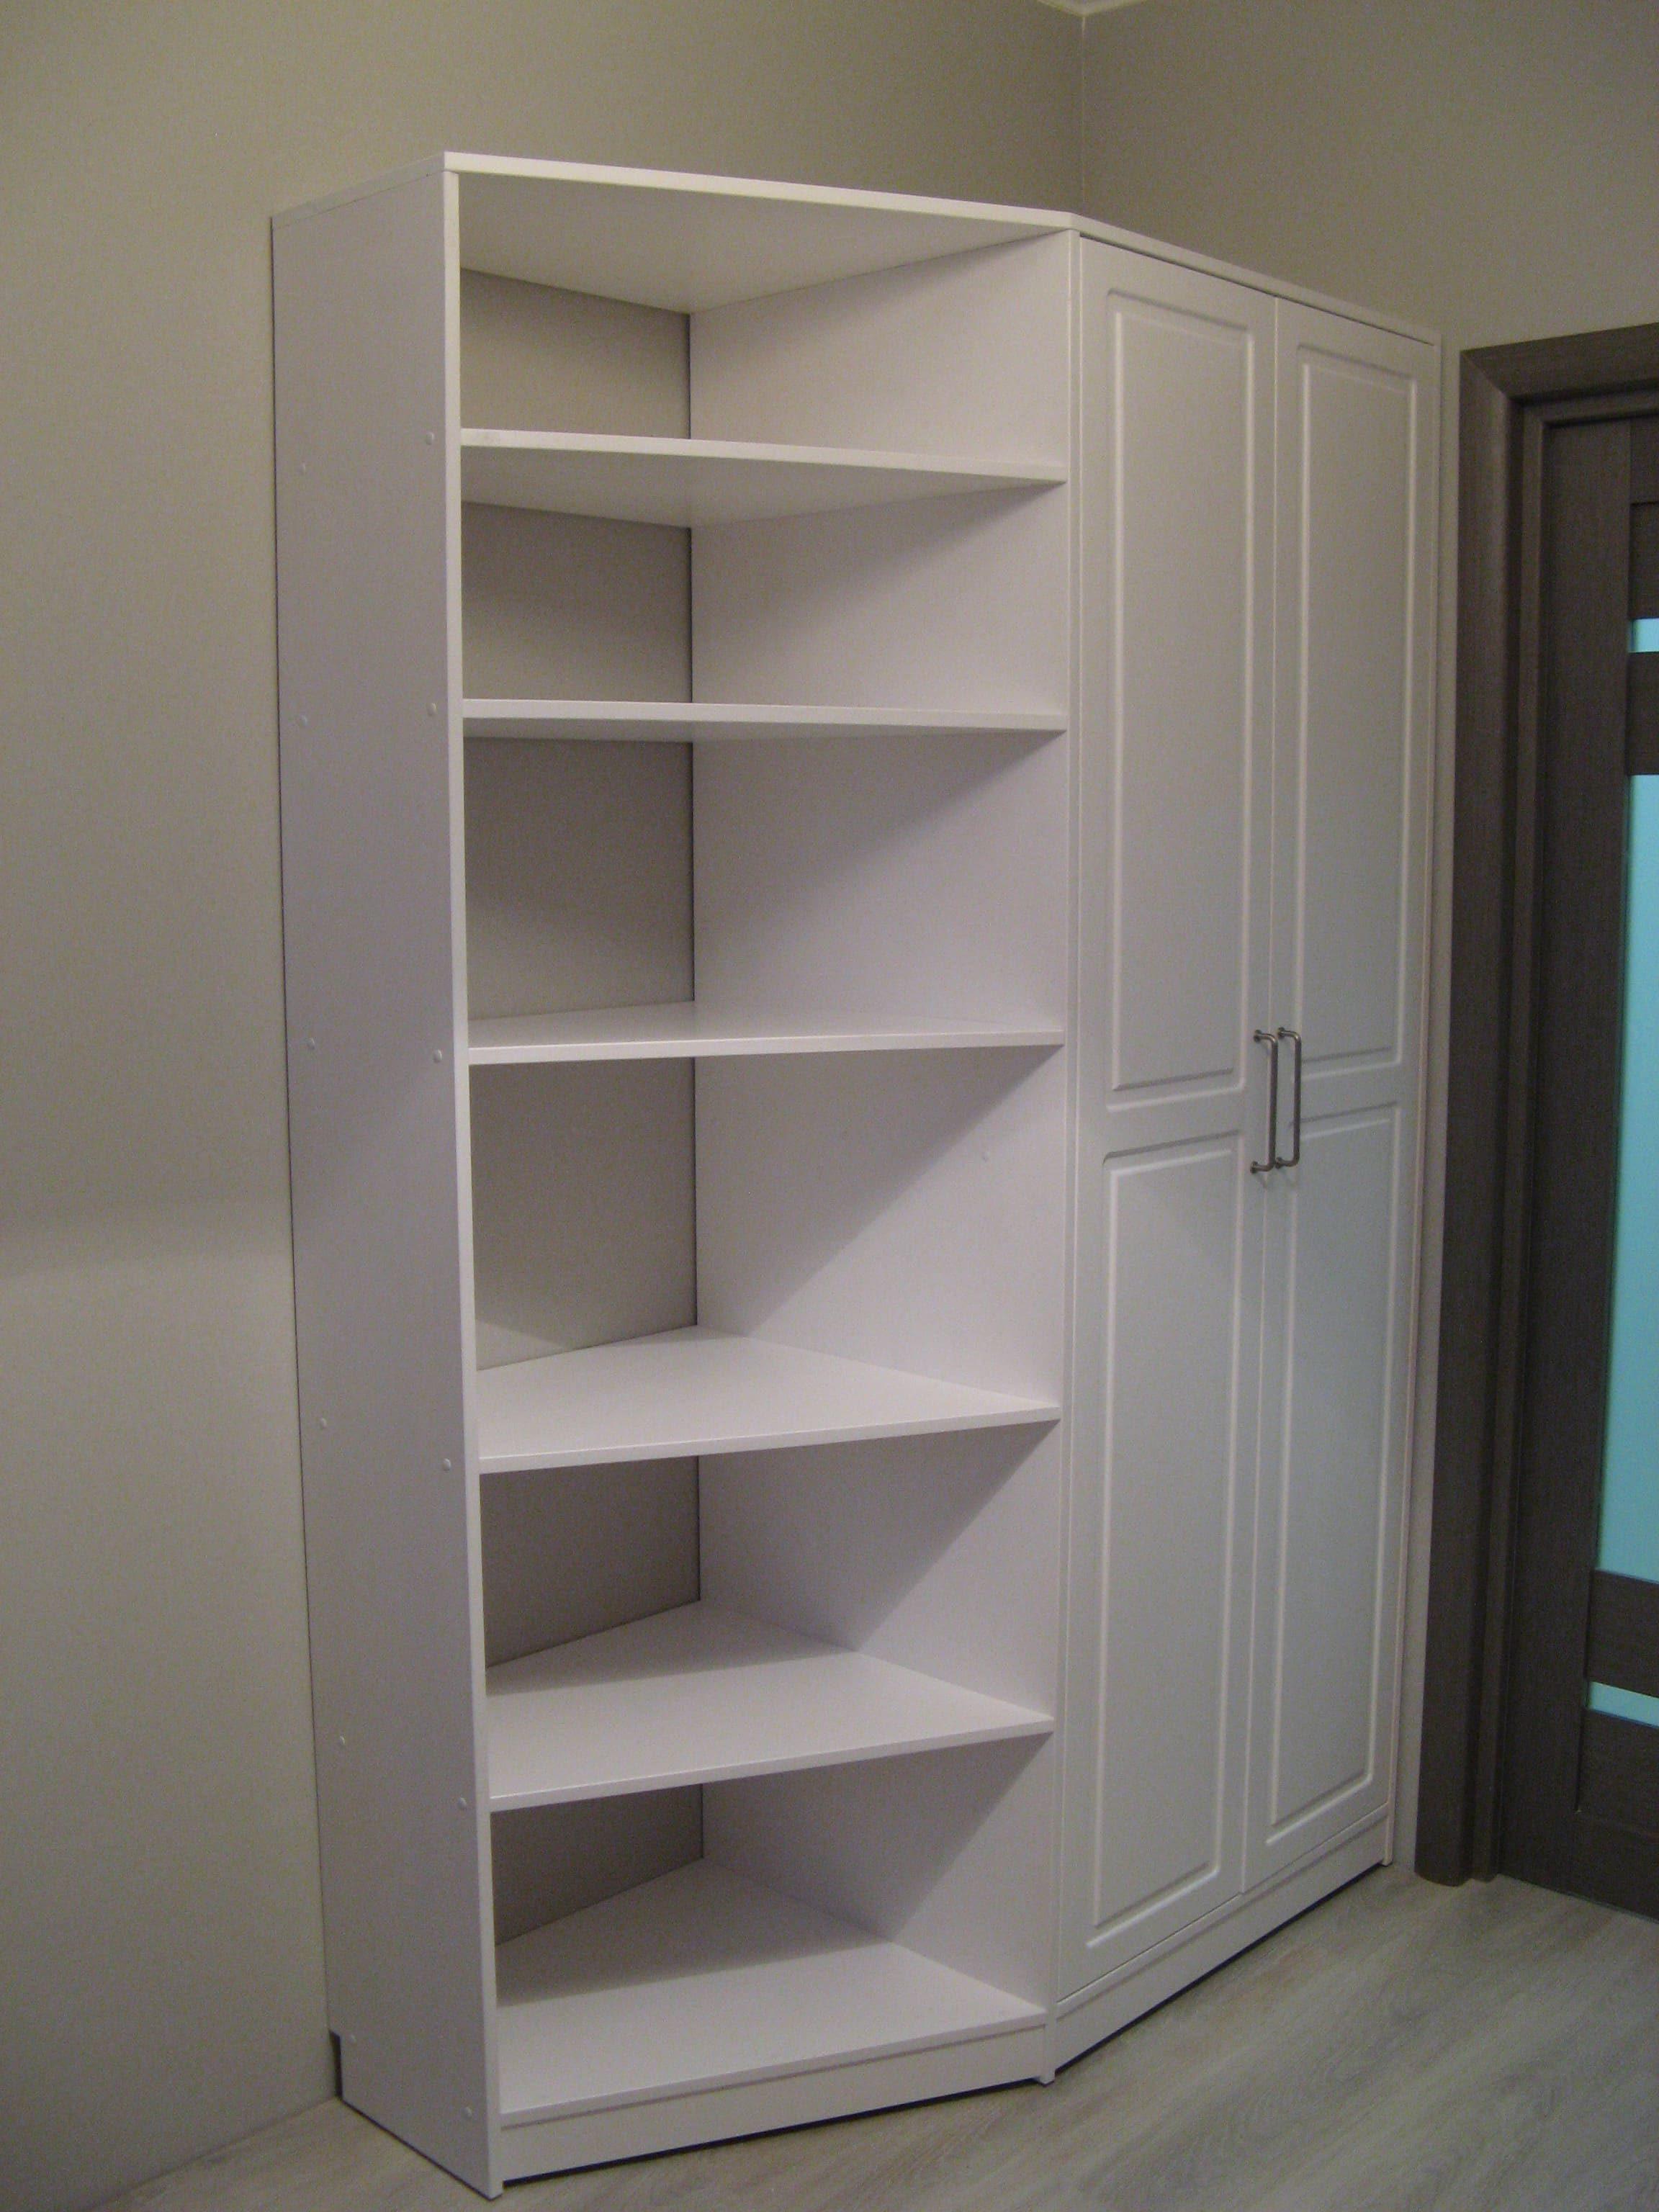 Шкаф-стеллаж из сосны, покрытие белая эмаль.